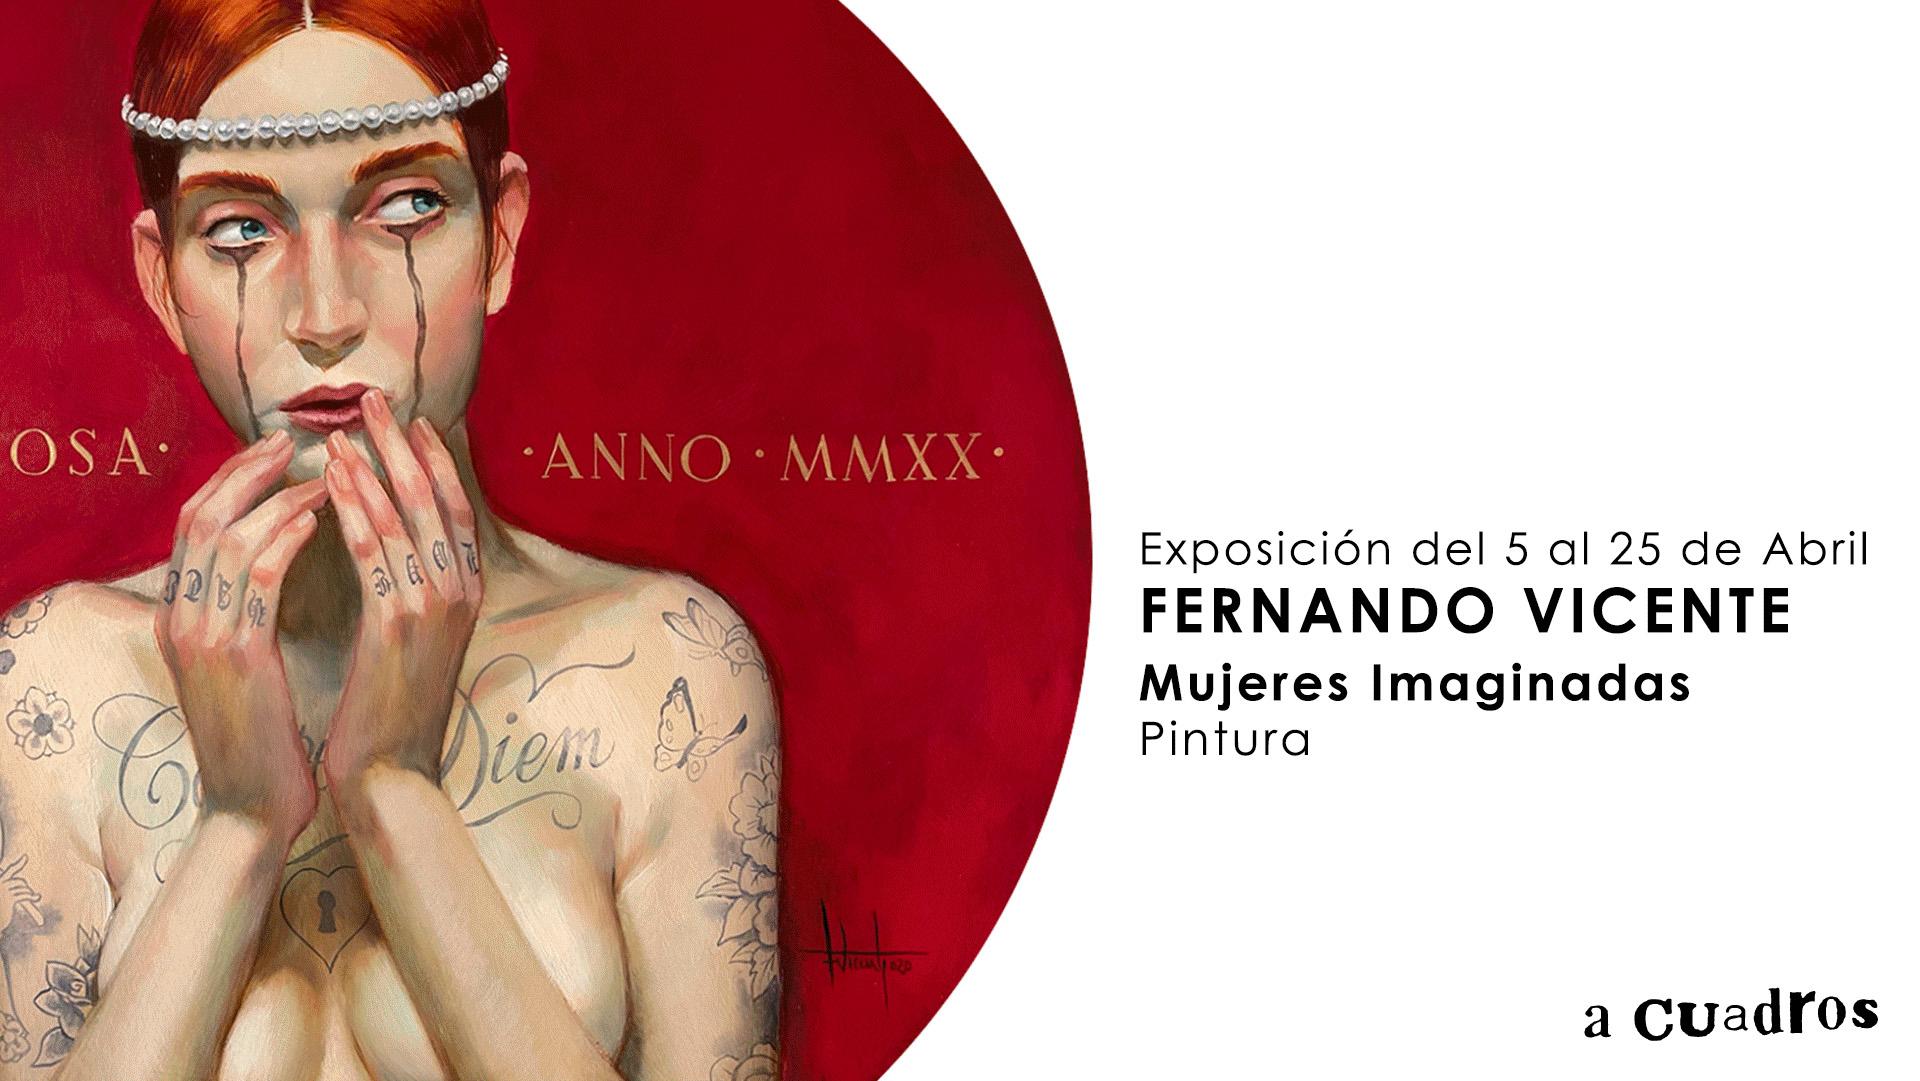 Mujeres Imaginadas Exposición de Pintura de Fernando Vicente